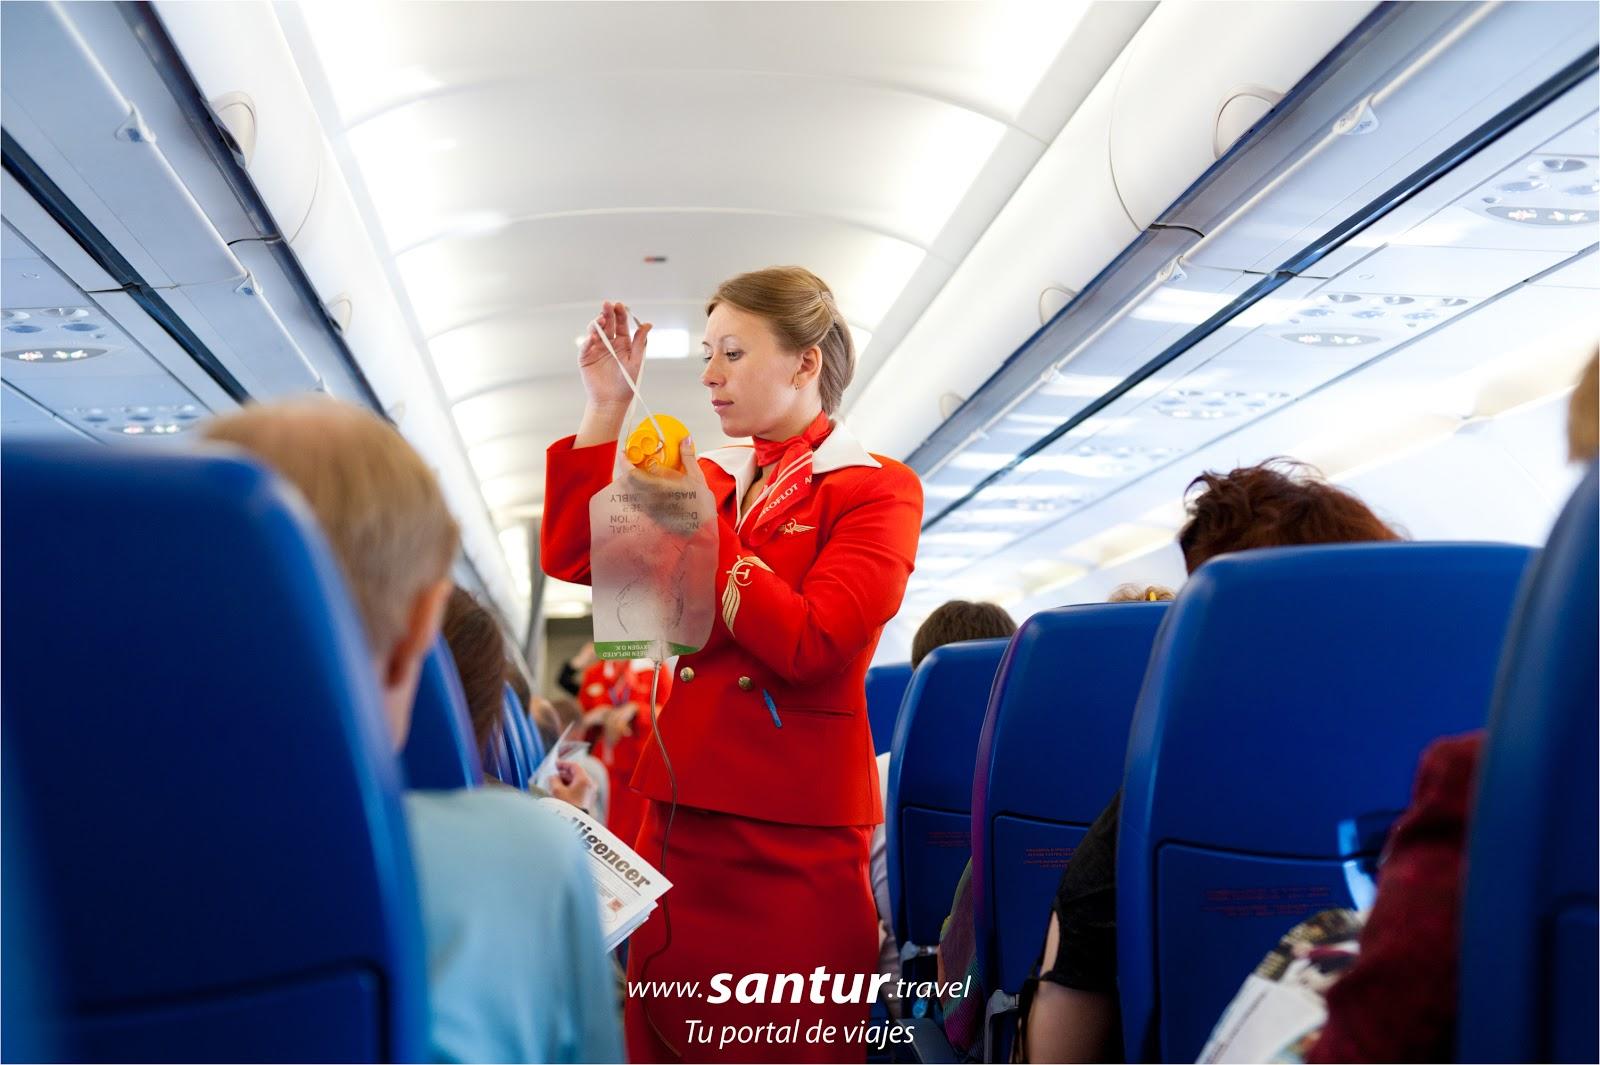 Avion, Viaje, Azafata, cosas que no debo hacer en un avion, mal compartamiento, agencia de viajes santur